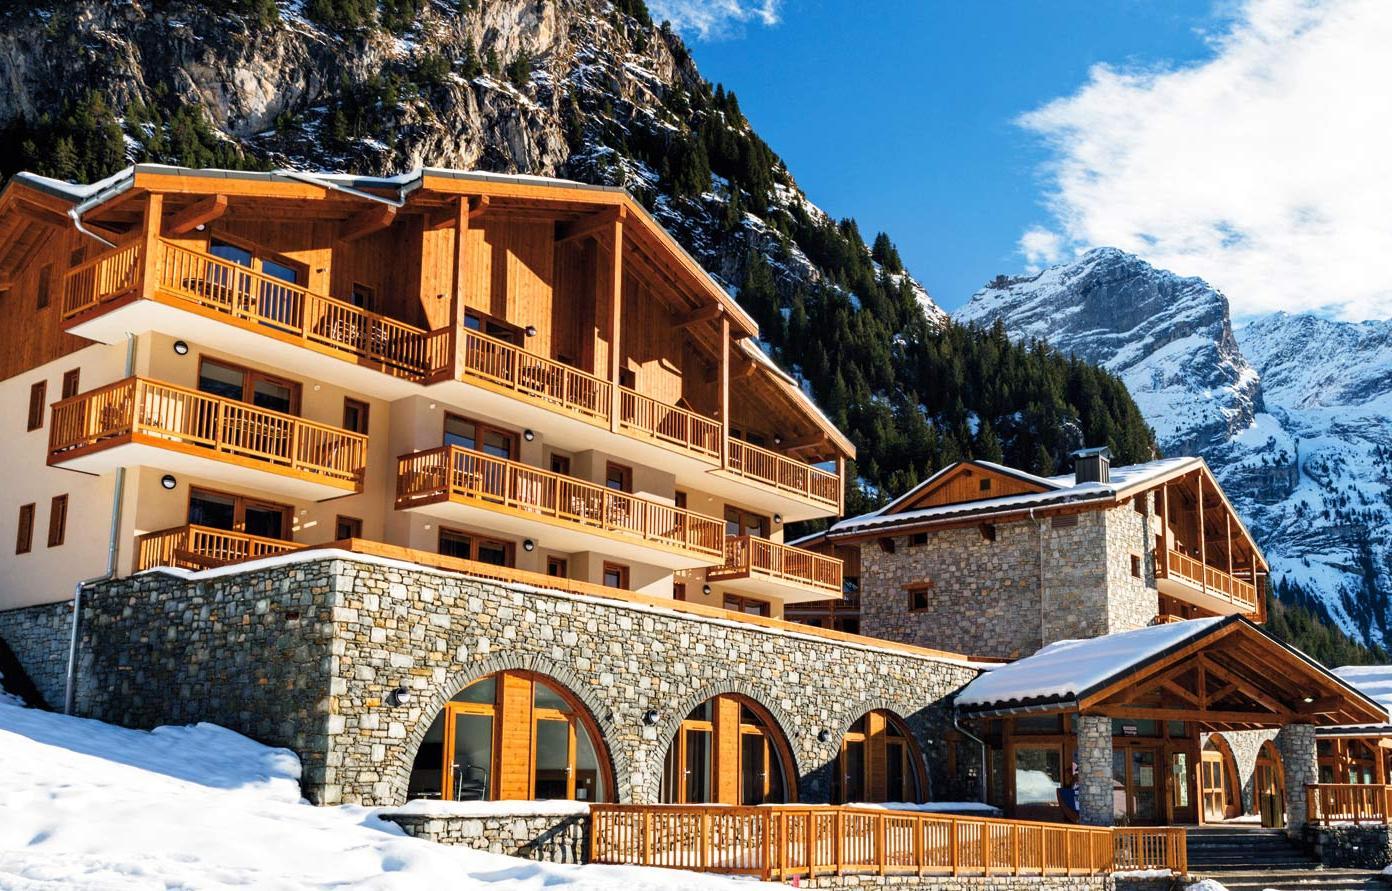 Meer info over Résidence Les Hauts de la Vanoise  bij Summittravel